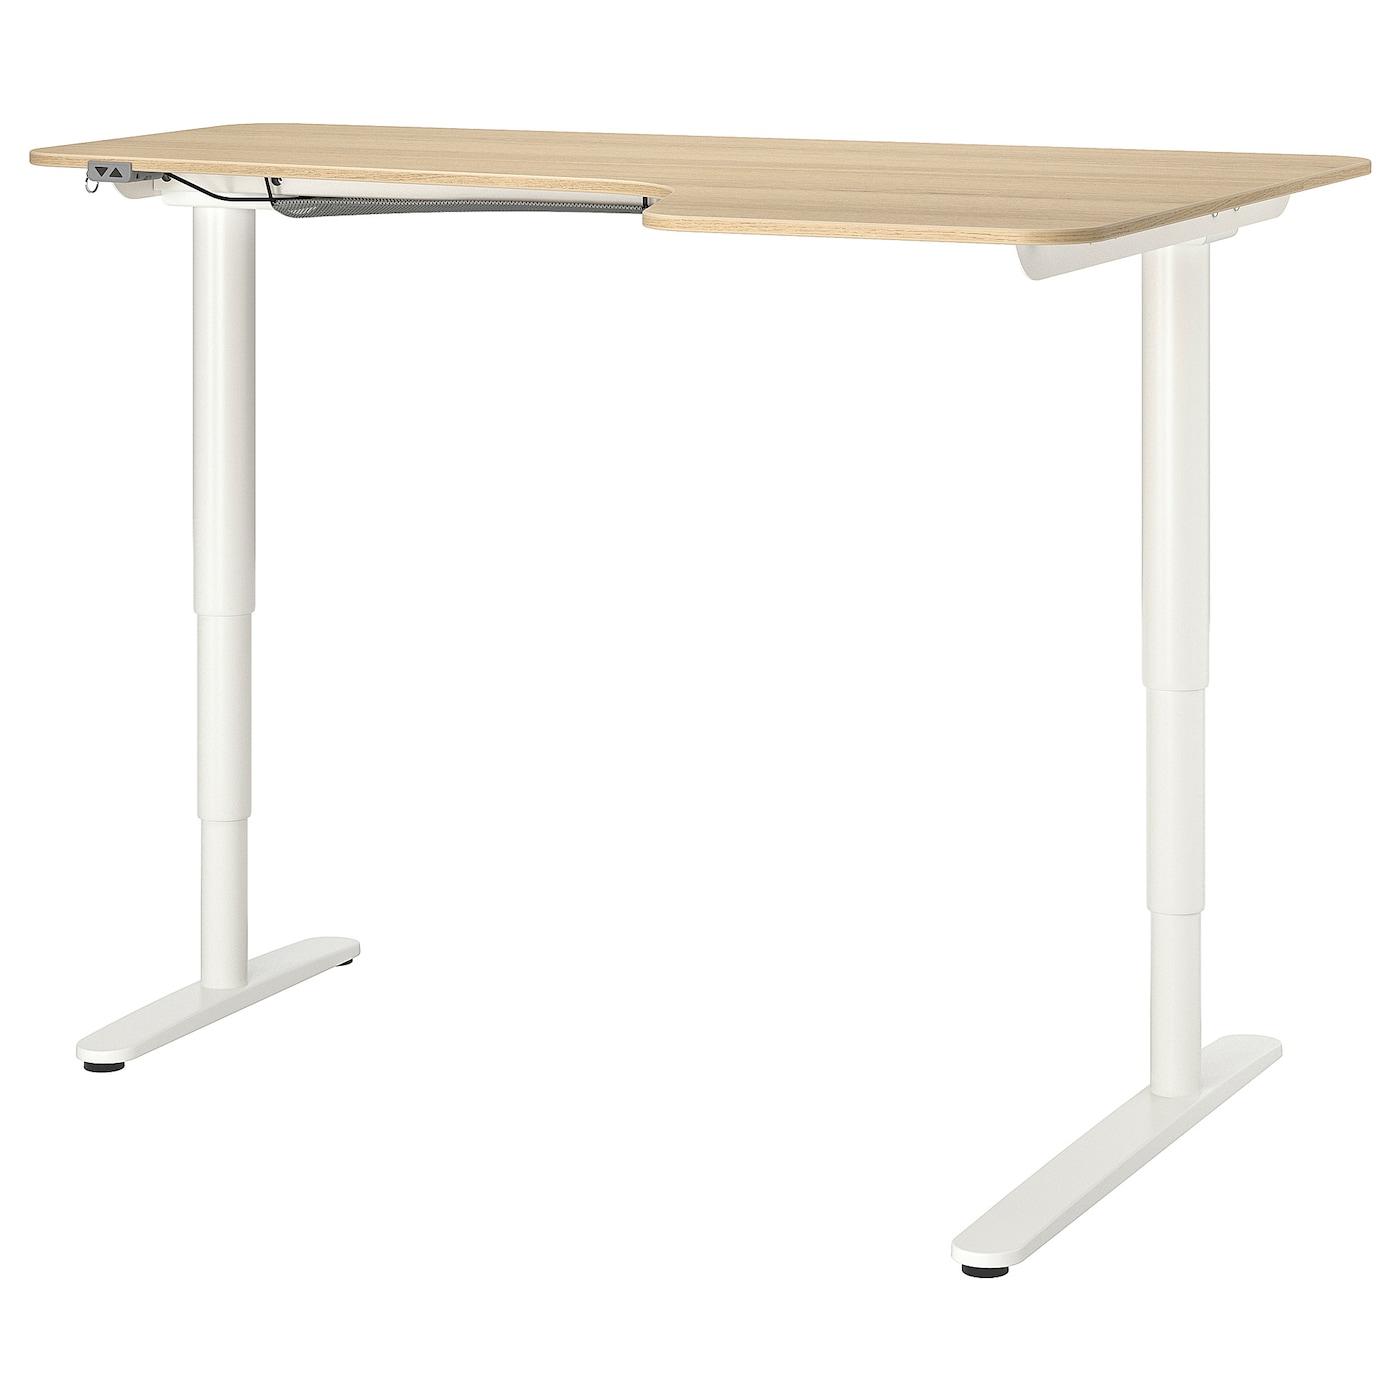 IKEA BEKANT Biurko narożne praw/siedz/stoj, okleina dębowa bejcowana na biało biały, 160x110 cm